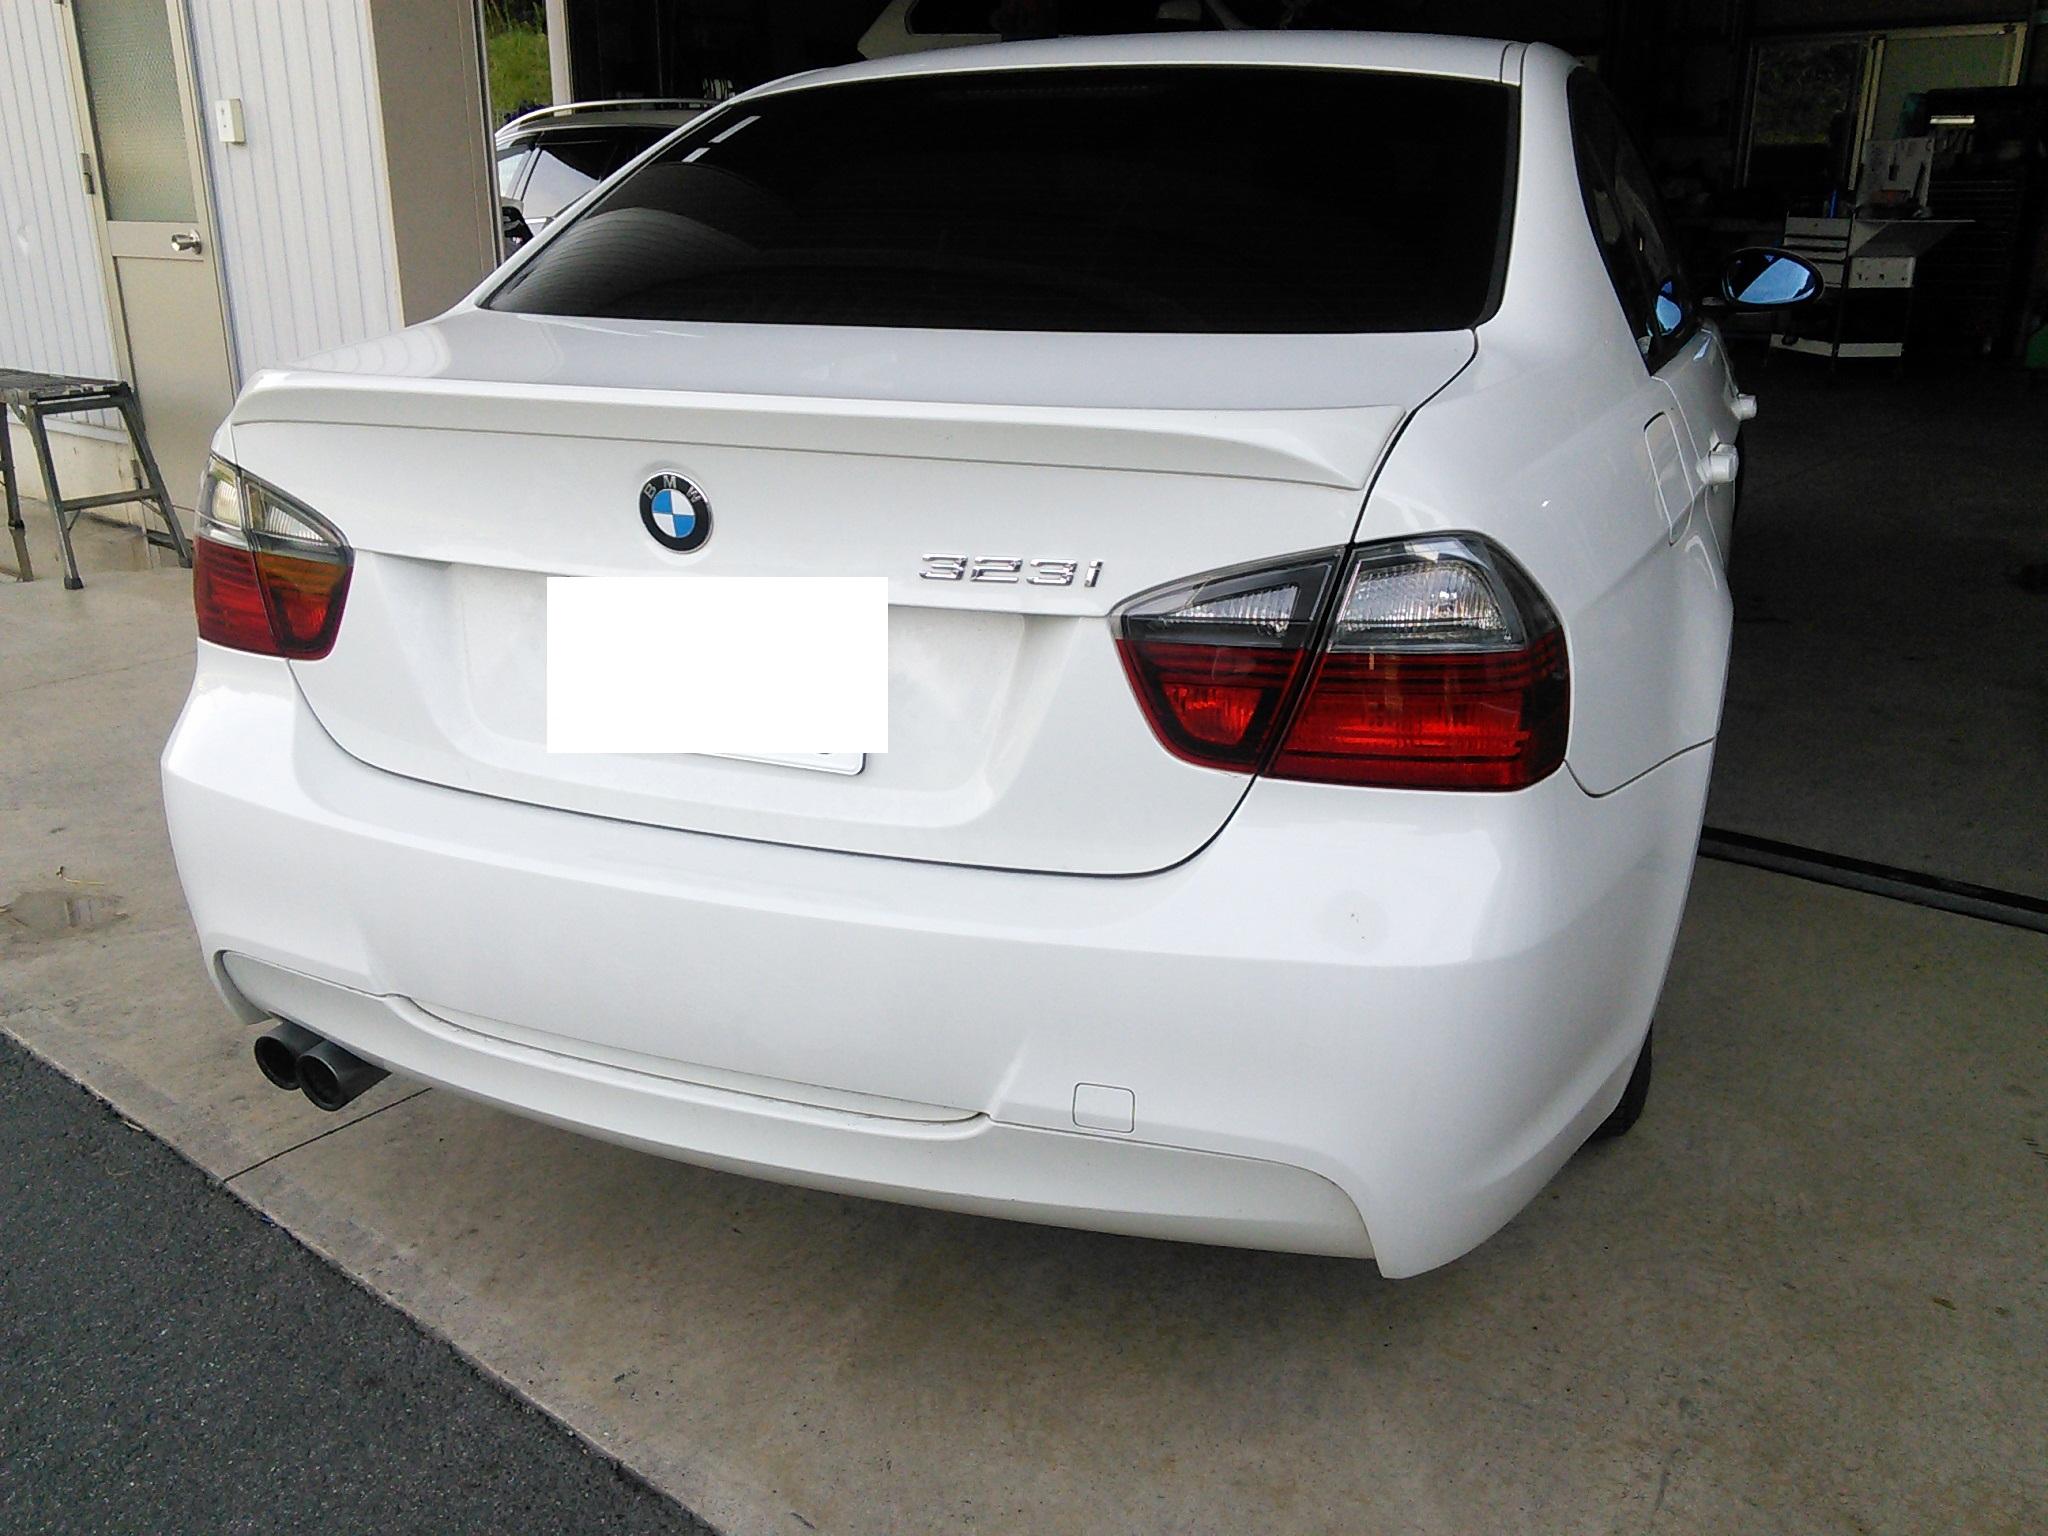 BMW E90 ナンバー灯 点灯しない FRMユニット交換 AUTELマキシシスにてコーディング